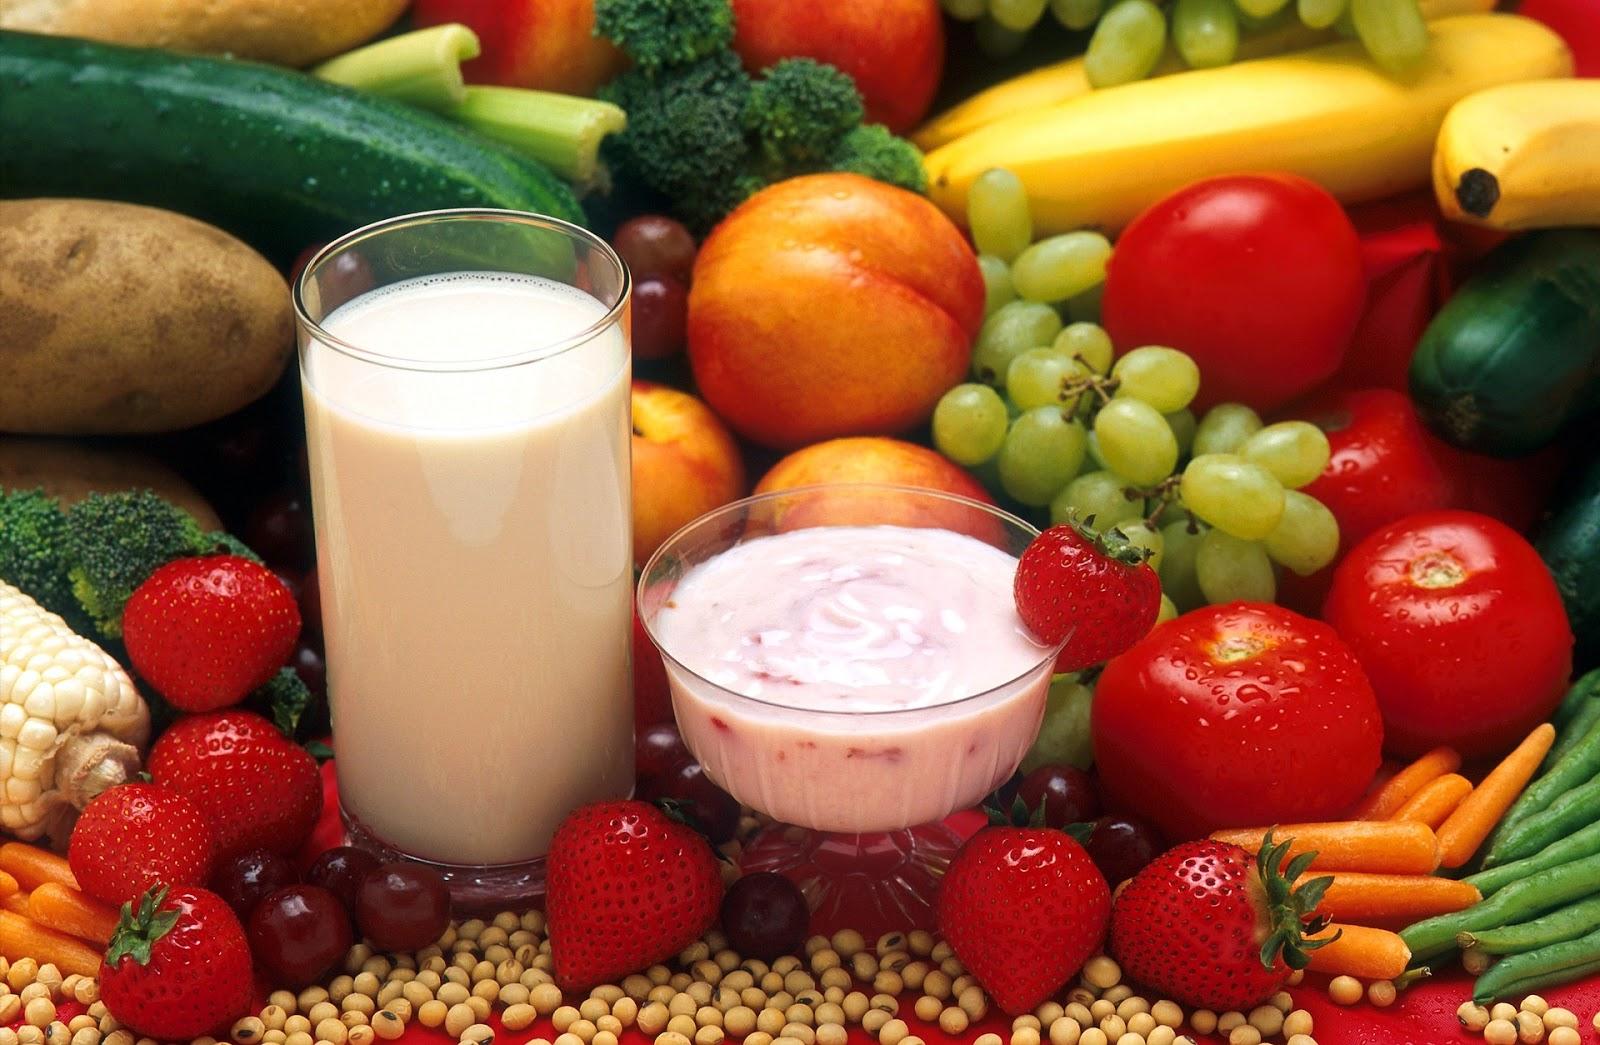 healthy food 1487647 1920